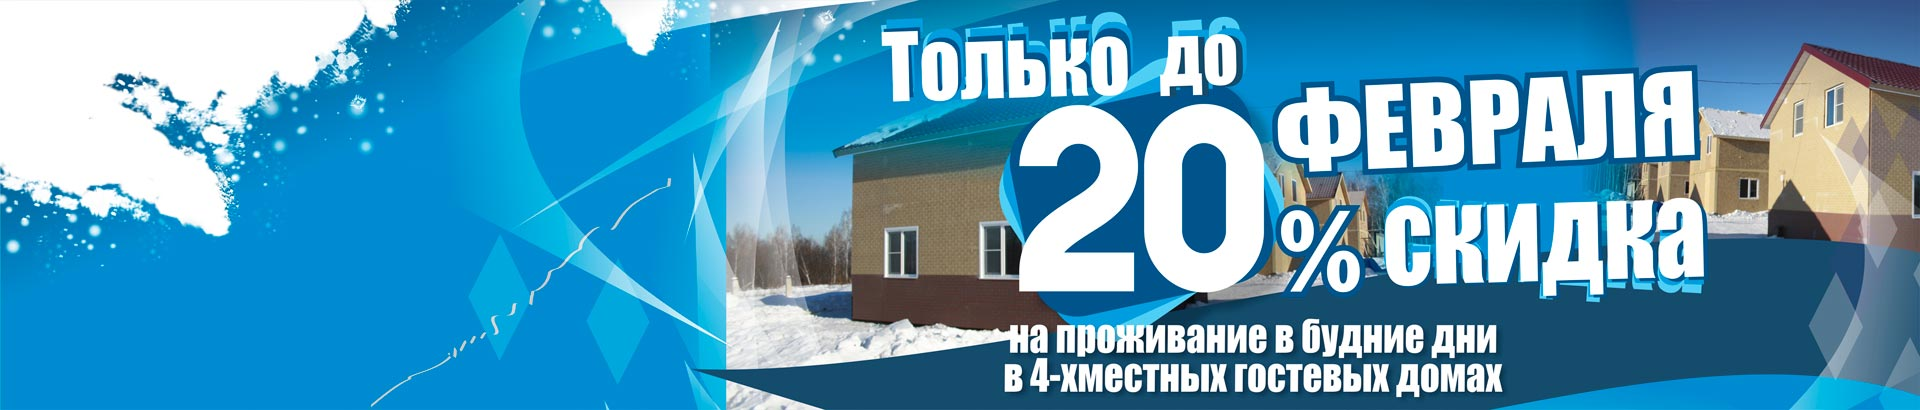 20-fevralya-banner_2